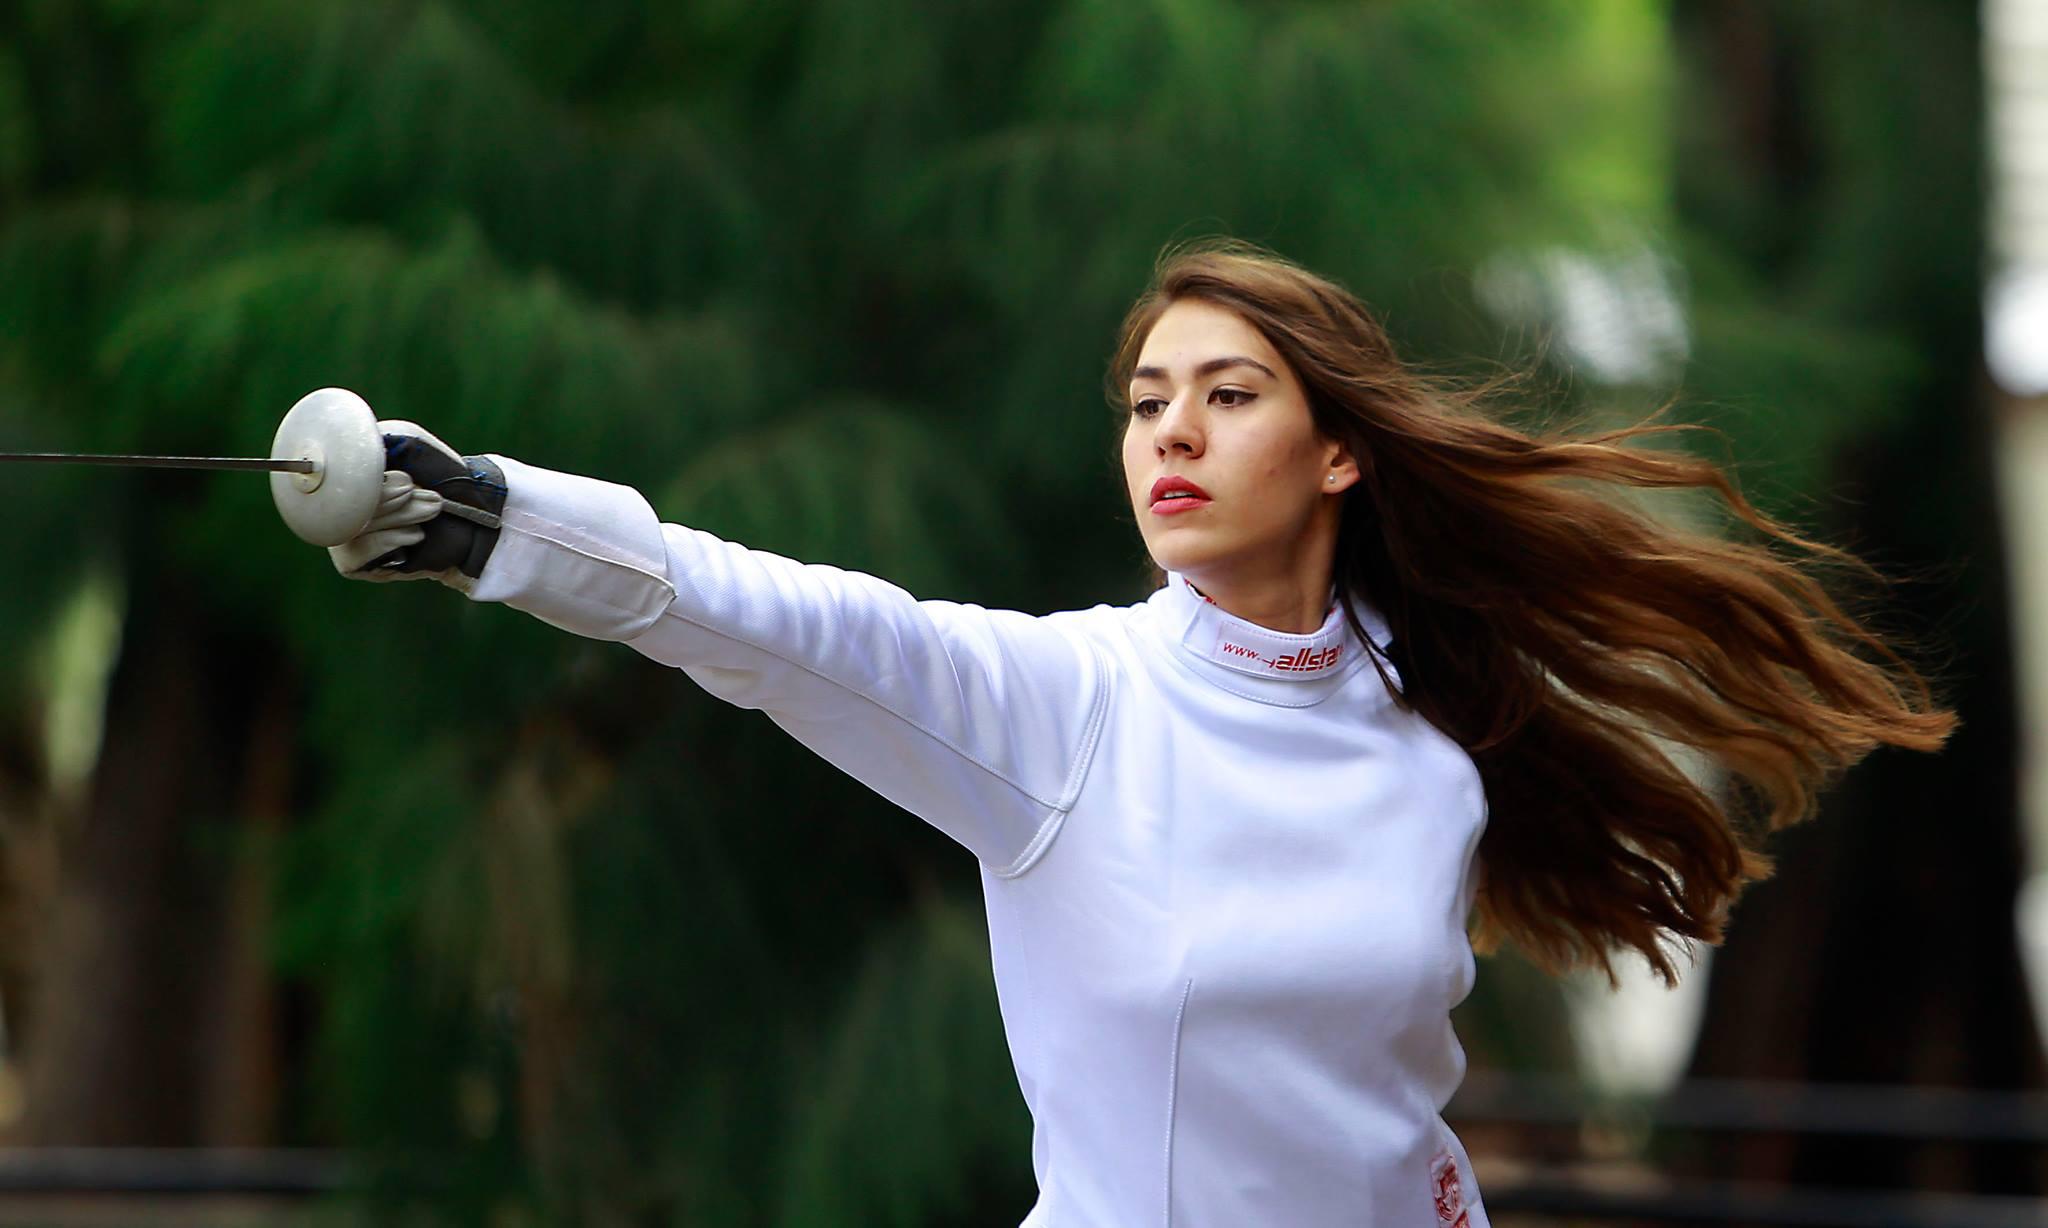 Alely Hernández, esgrimista y estudiante del CUCEA, en posición de defensa con florete, durante entrenamiento en jardines del centro universitario.